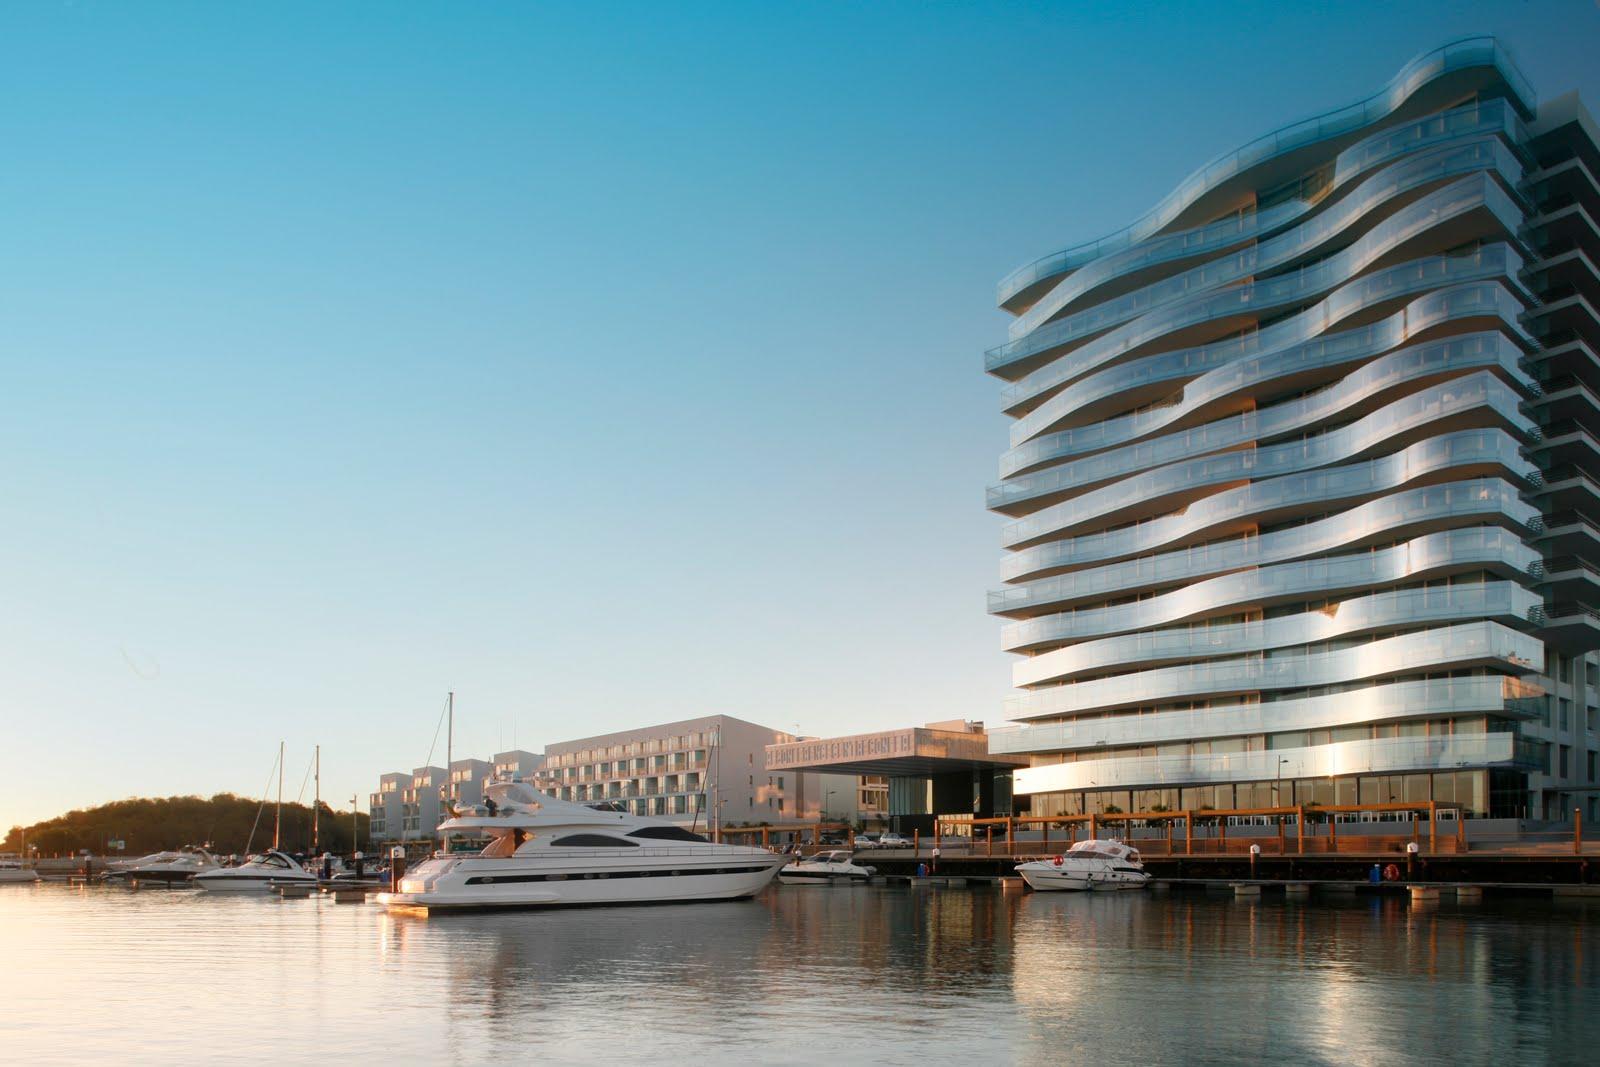 Tr ia design hotel preto marfim for Design hotel troia